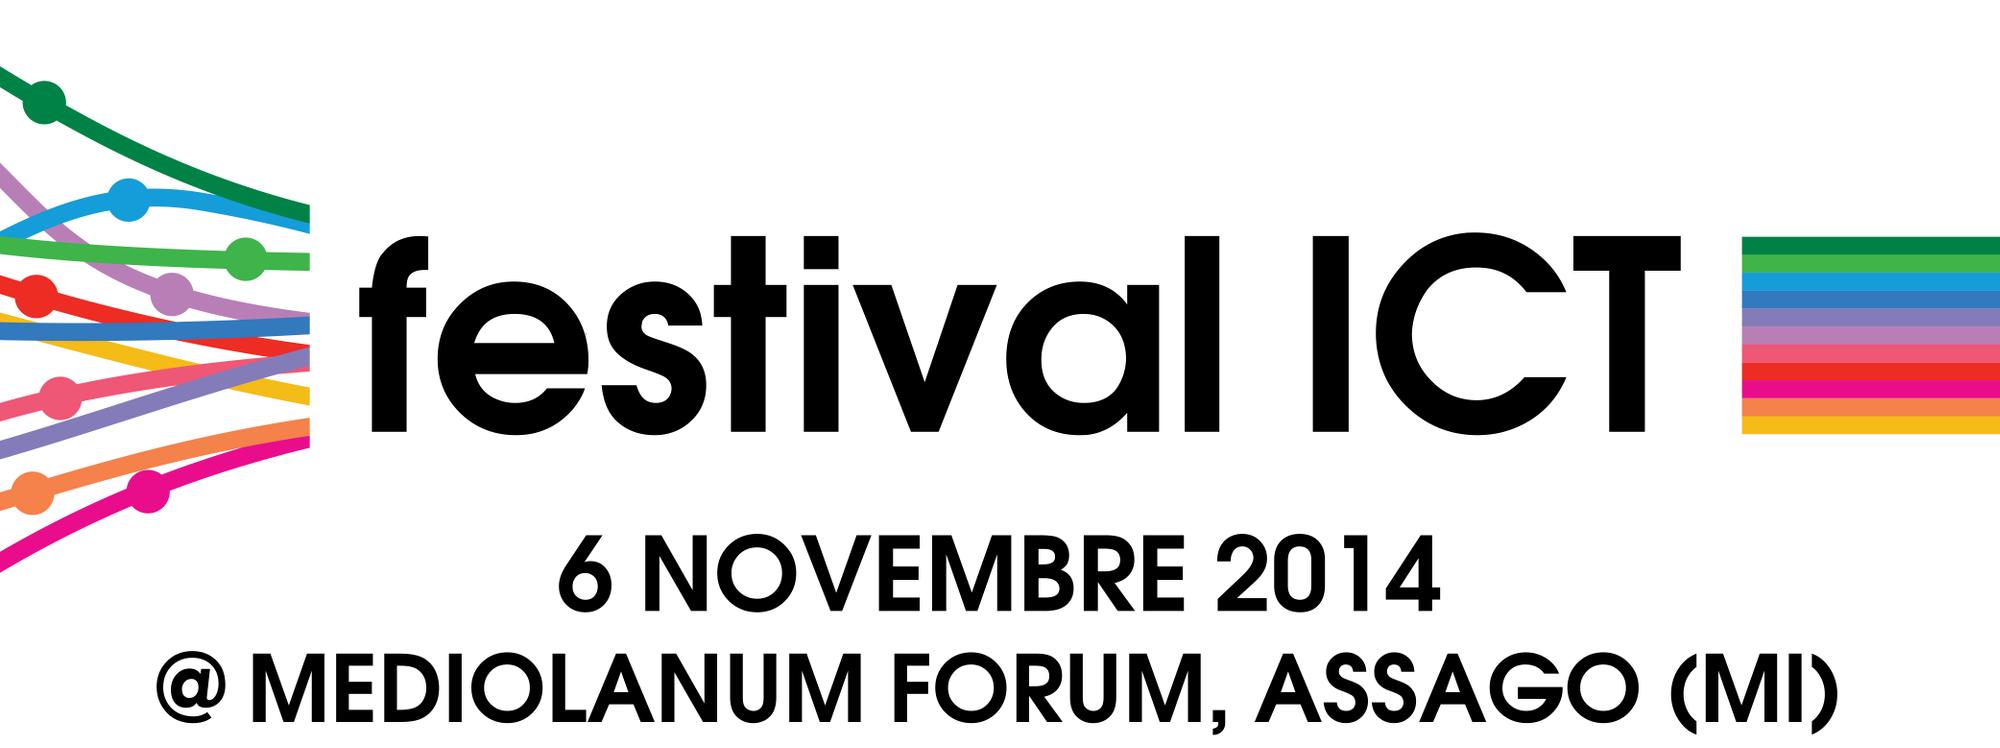 Festival ICT 2014… Assiform c'è!